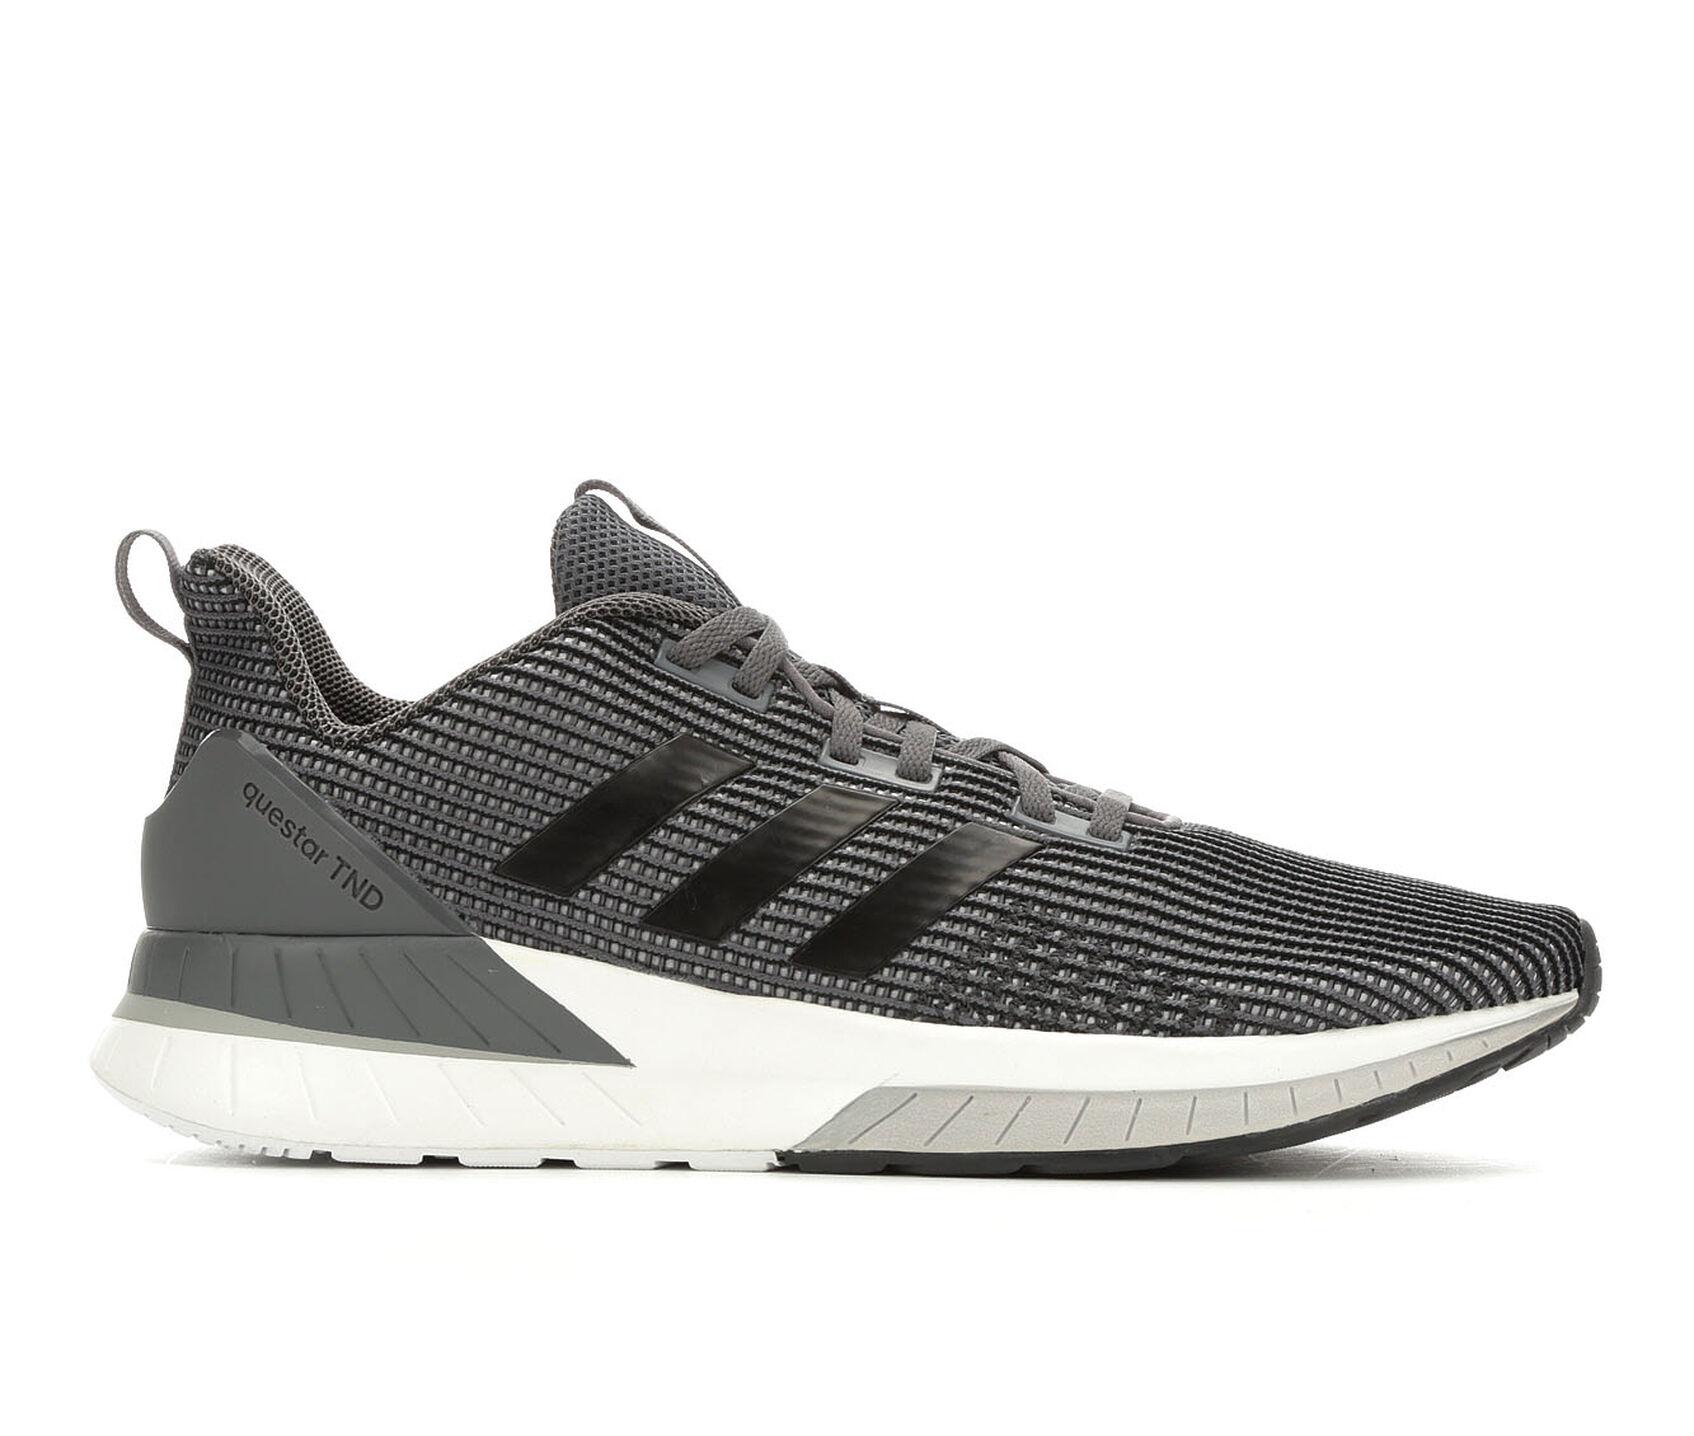 63f30596c9e92a ... Adidas Questar Ride TND Running Shoes. Previous